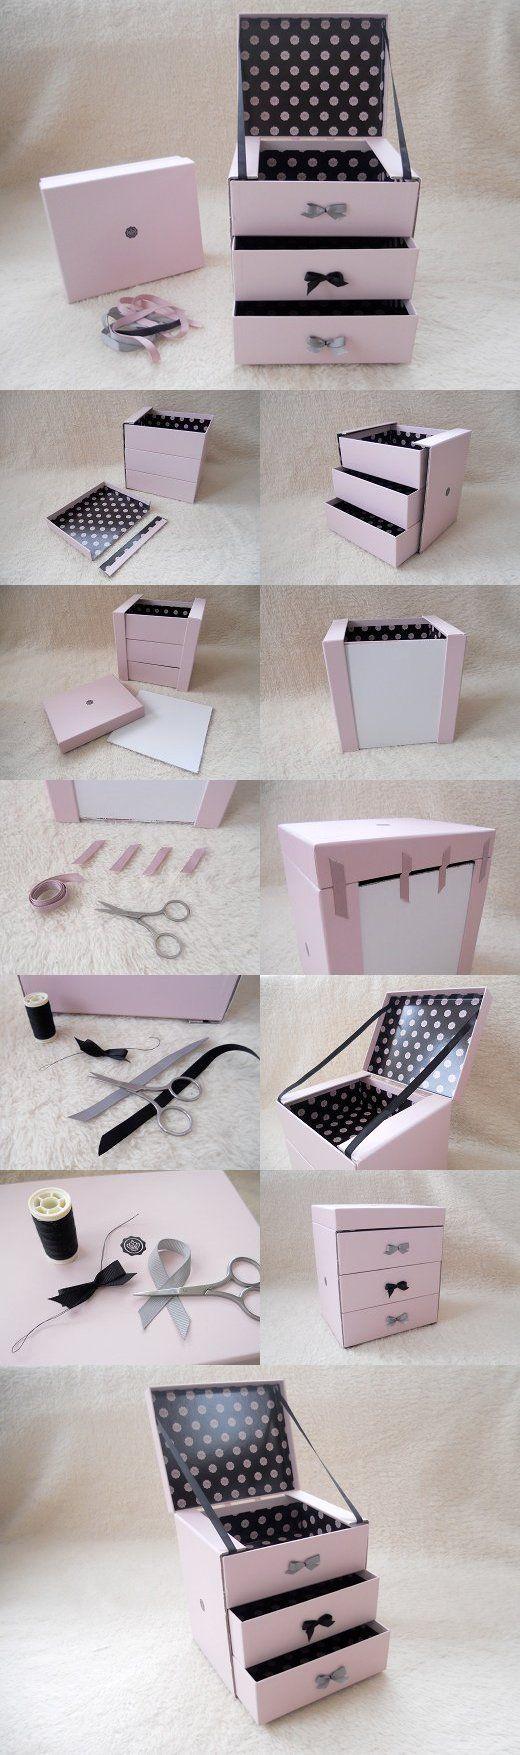 Diy Glossybox Drawers Diy Schmuckschatulle Aufbewahrung Selbstgemacht Schmuckschatulle